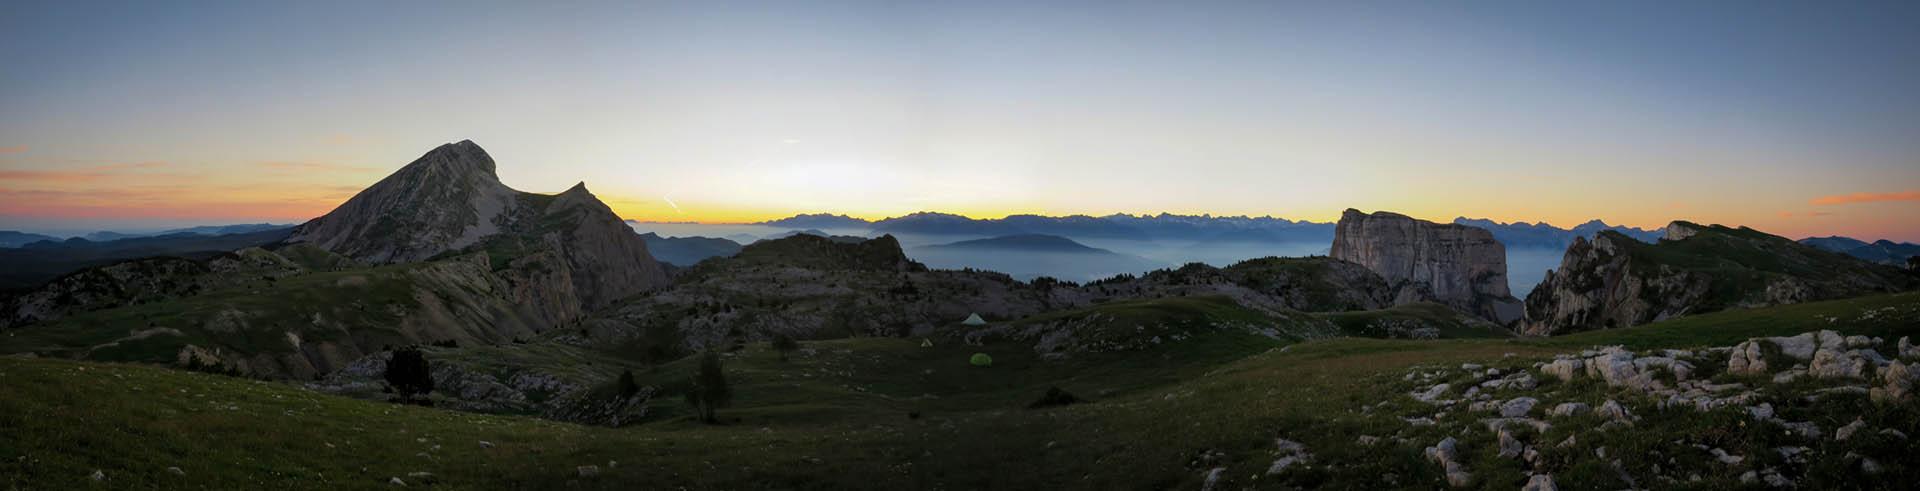 Panorama Bivouac Lever Soleil Alpes Grand Veymont Hauts Plateaux Vercors Itinerance Sejour Trek Tente Slow Rando